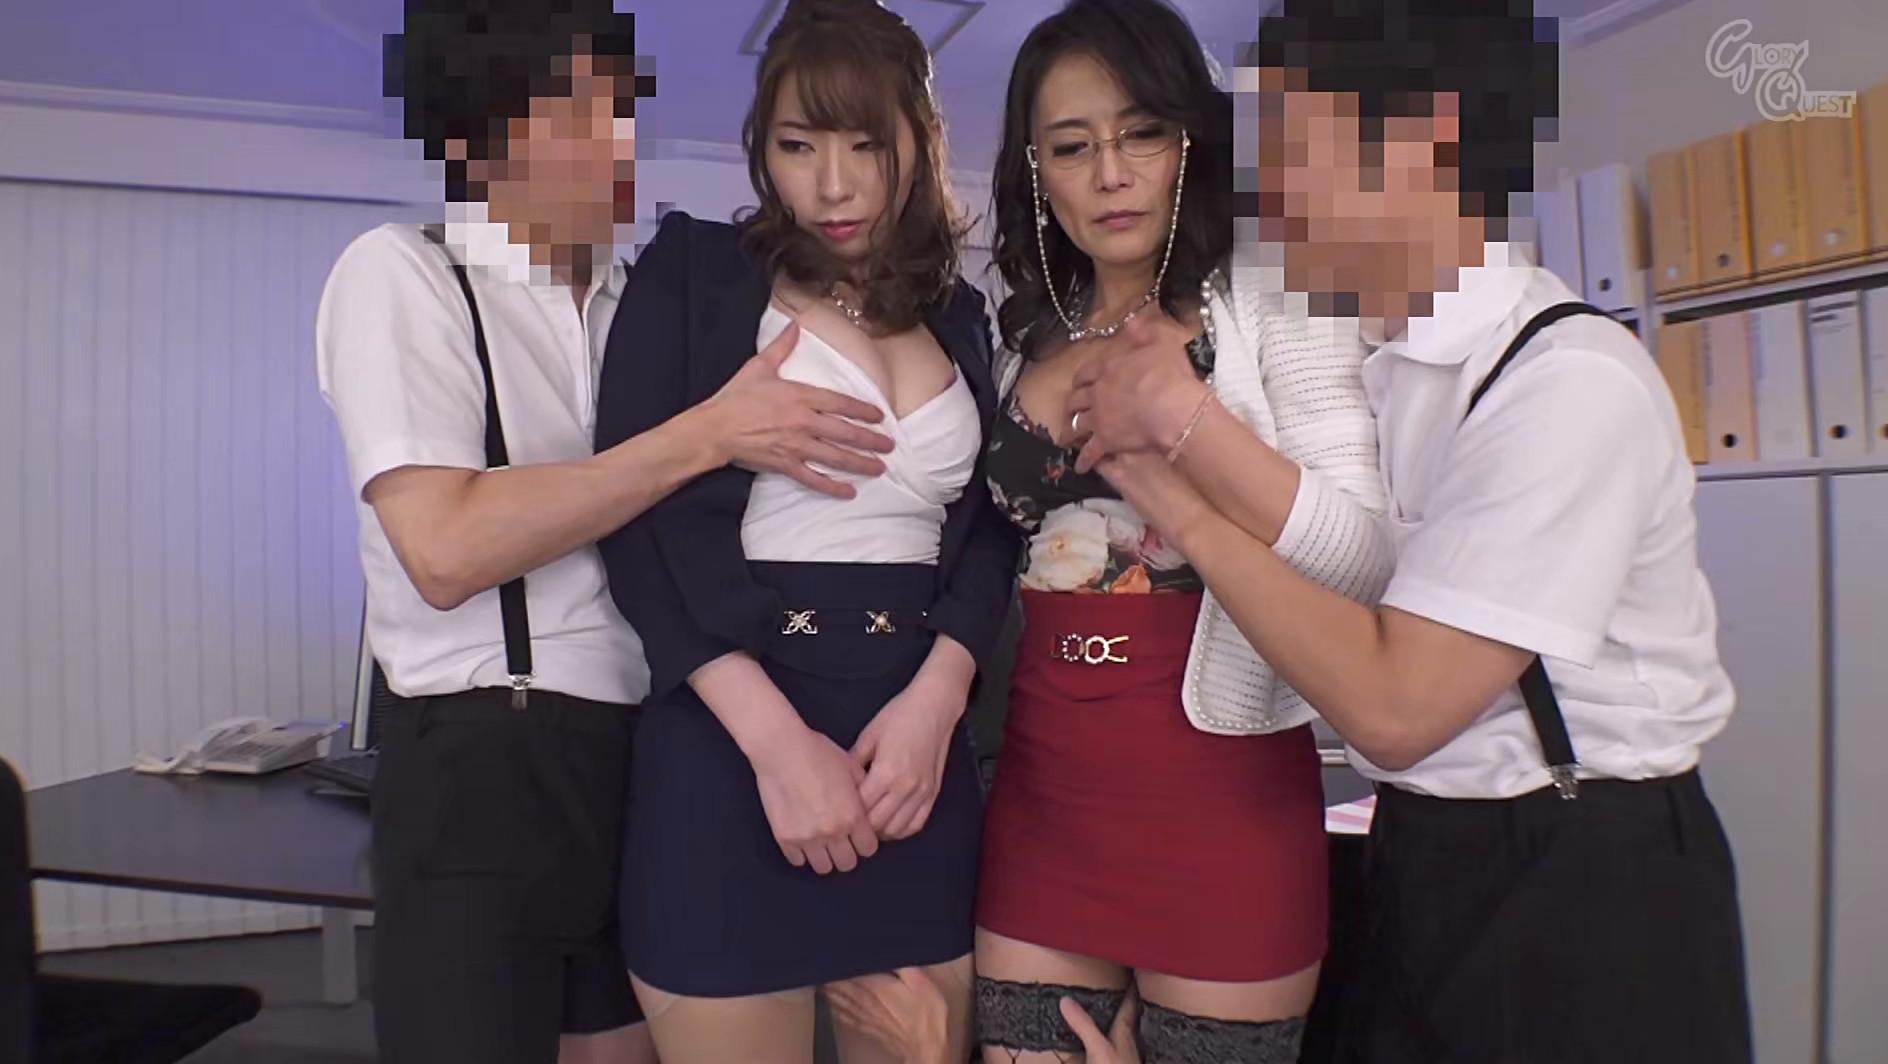 お色気P●A会長&悩殺女教師と悪ガキ生徒会 平岡里枝子/宝田もなみ 画像21